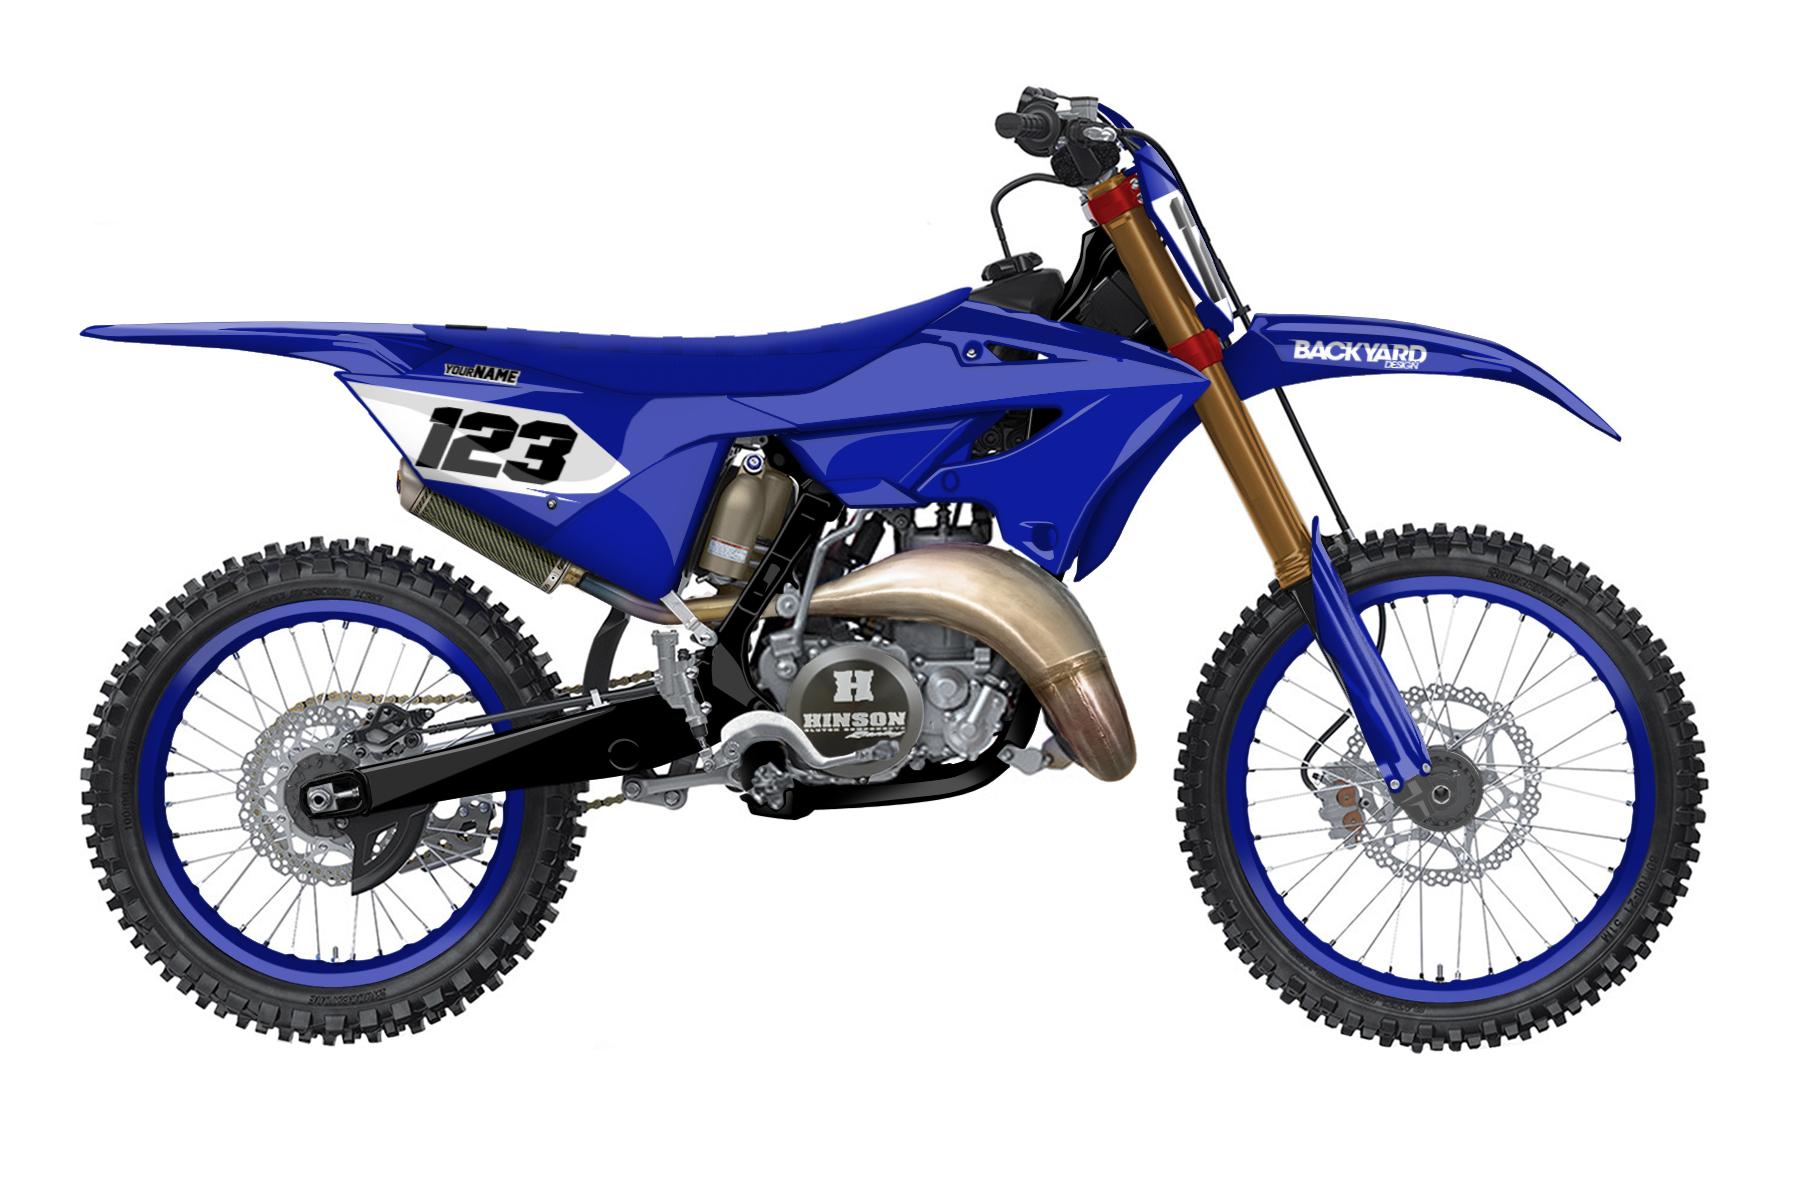 Yamaha YZ 250 - 2022 - Backyard Design - Mx Dekor - Blanko Design